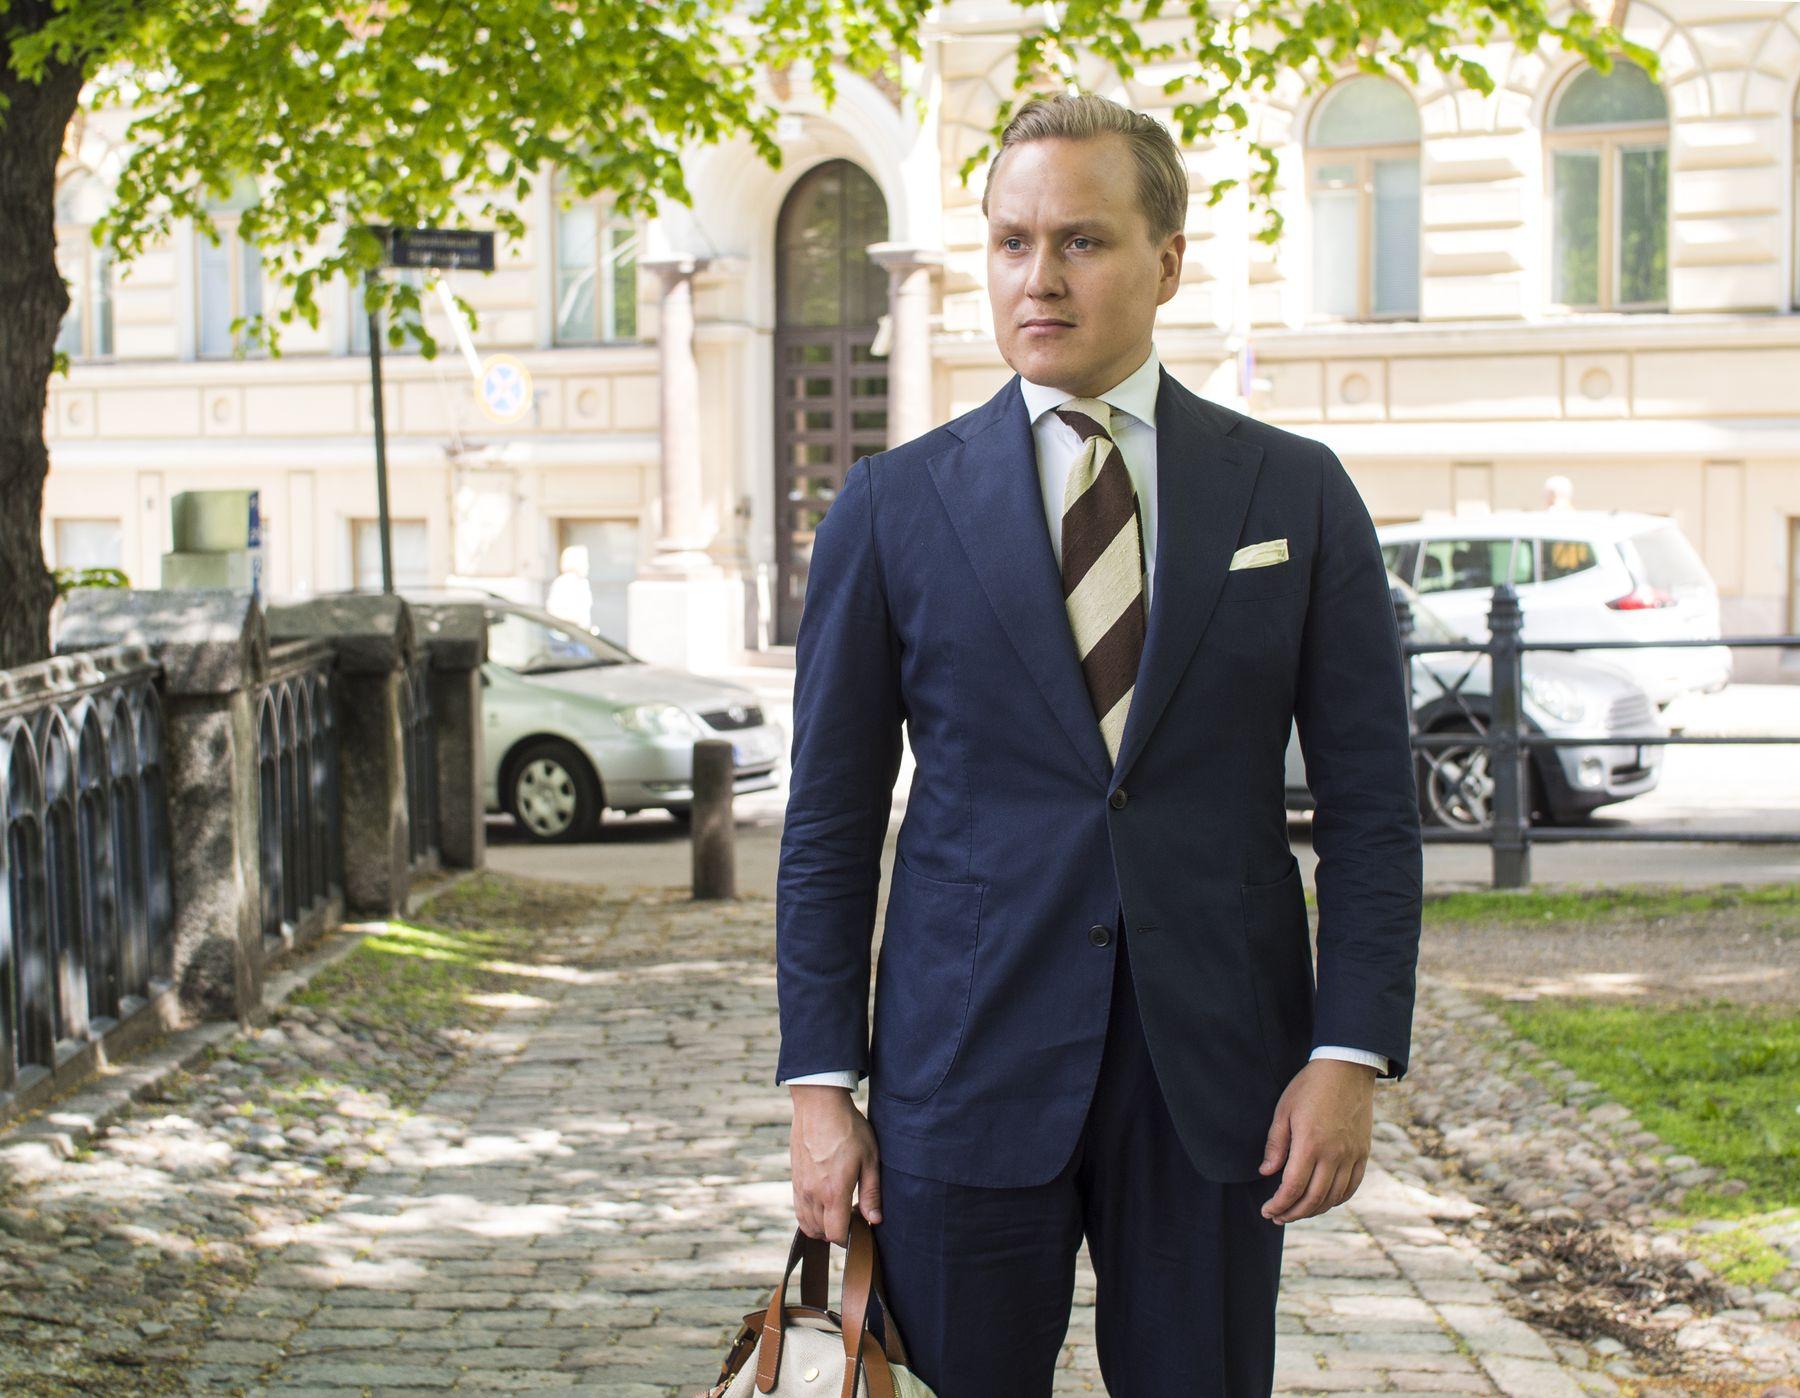 Men's Most Versatile Summer Suit - The Navy Cotton Suit